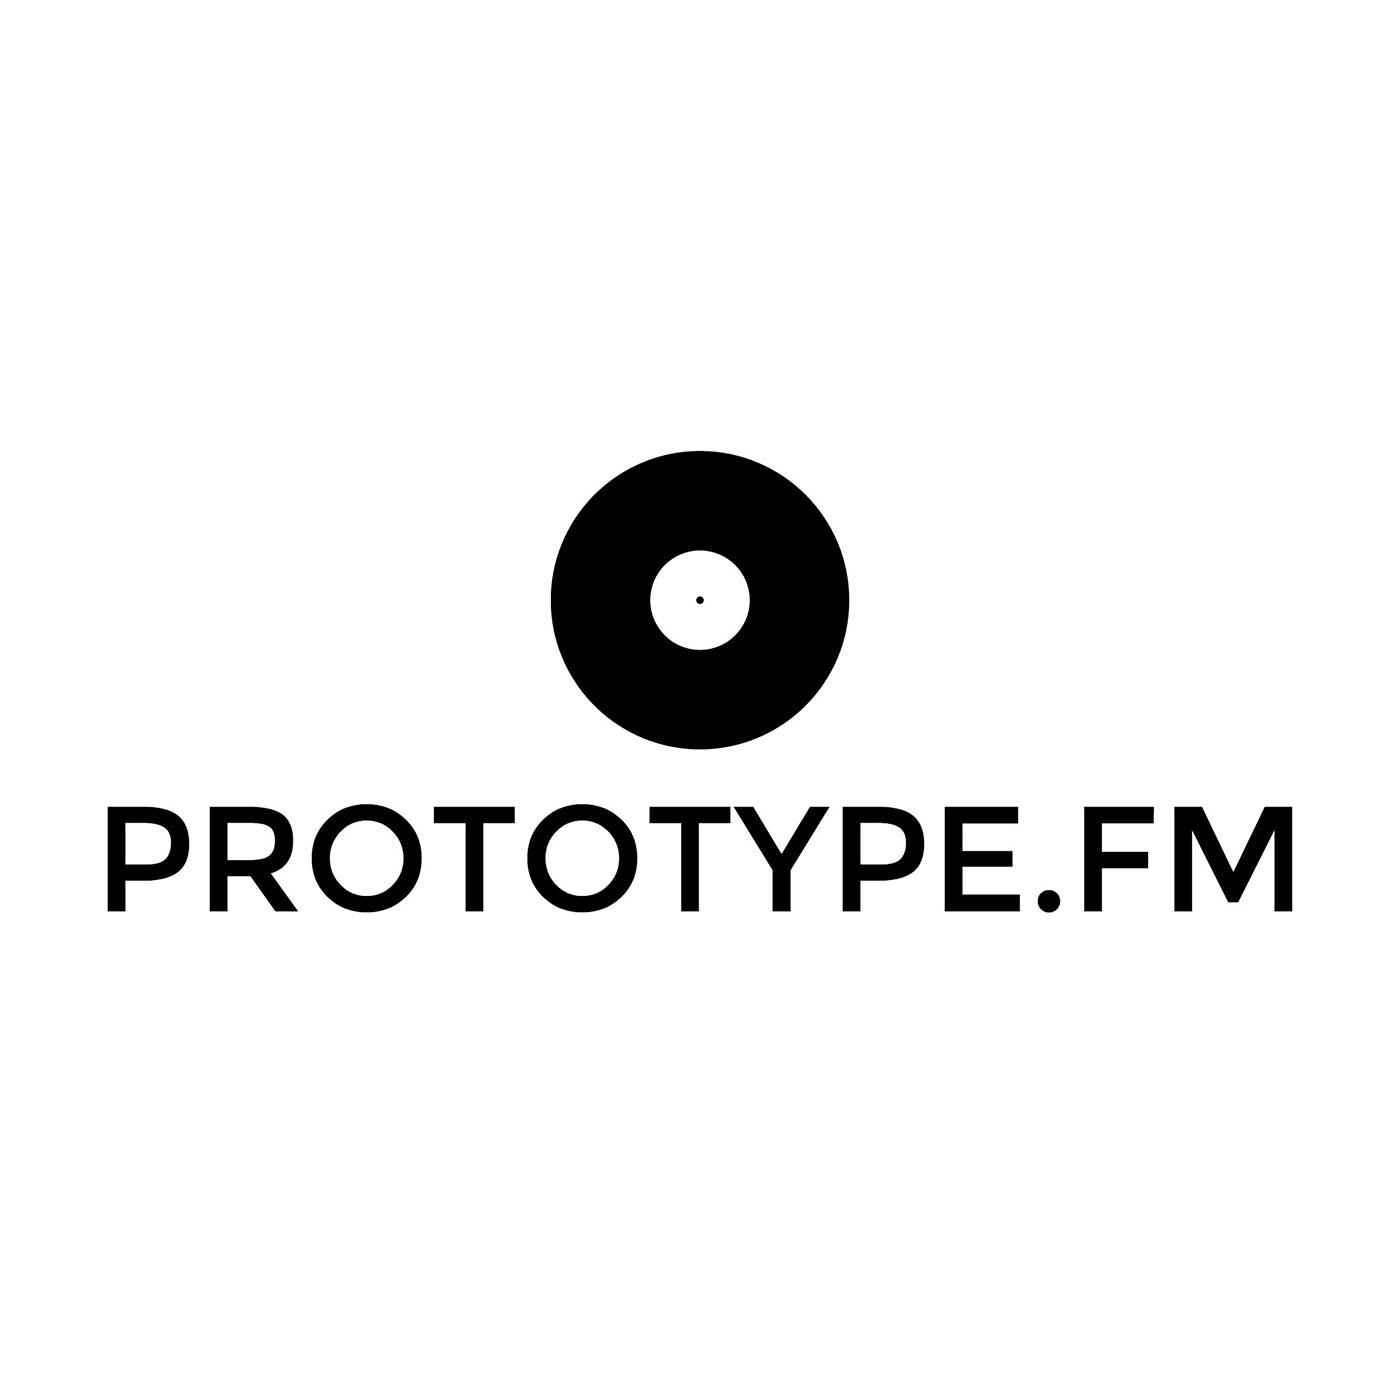 PROTOTYPE.FM